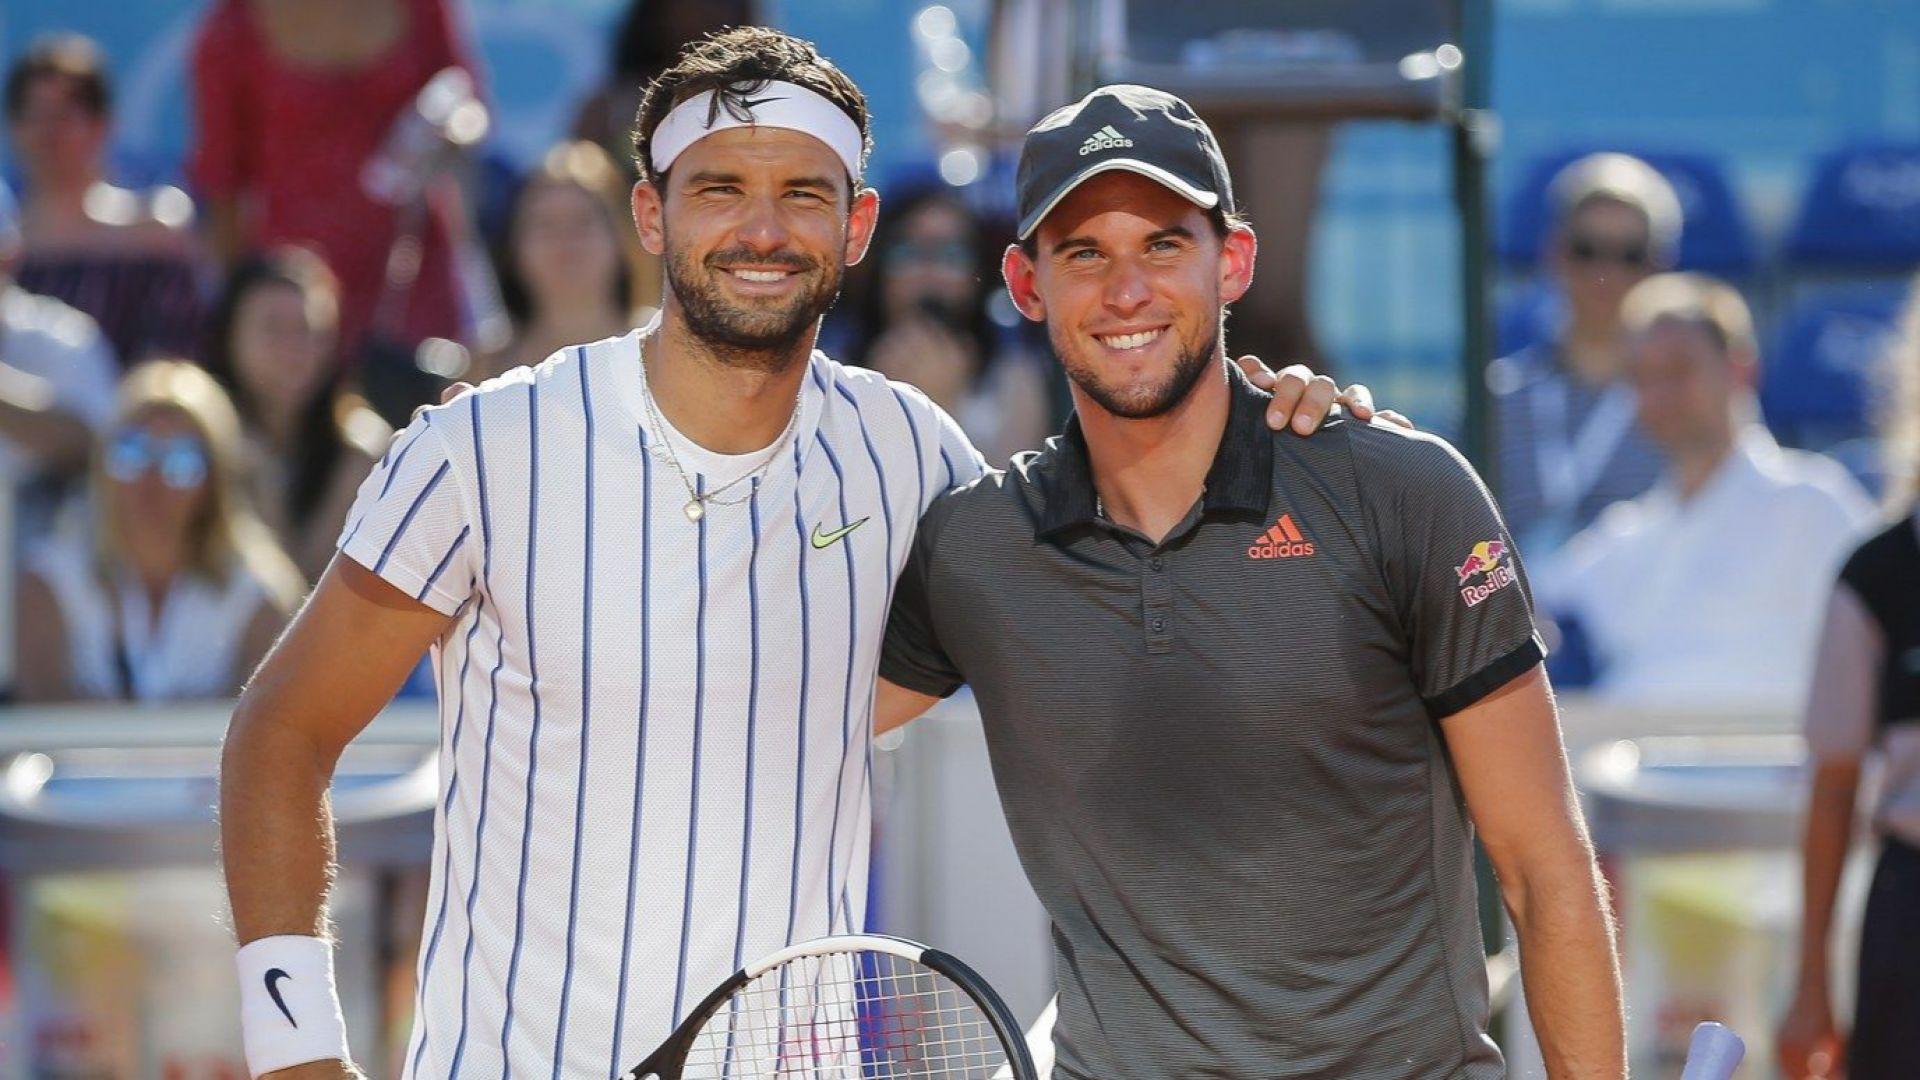 Световният №3: Григор има страхотен стил и е най-добре изглеждащият тенисист